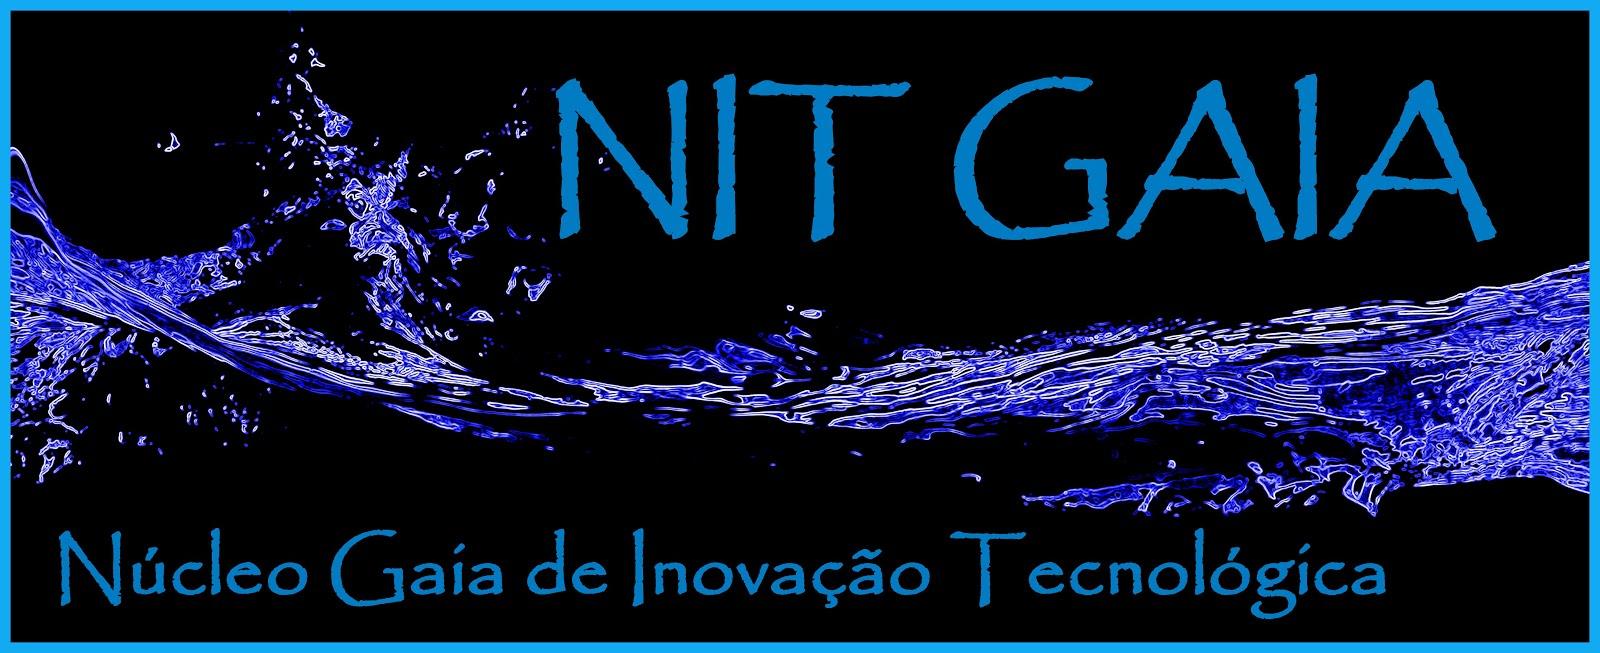 Núcleo Gaia de Inovação Tecnológica